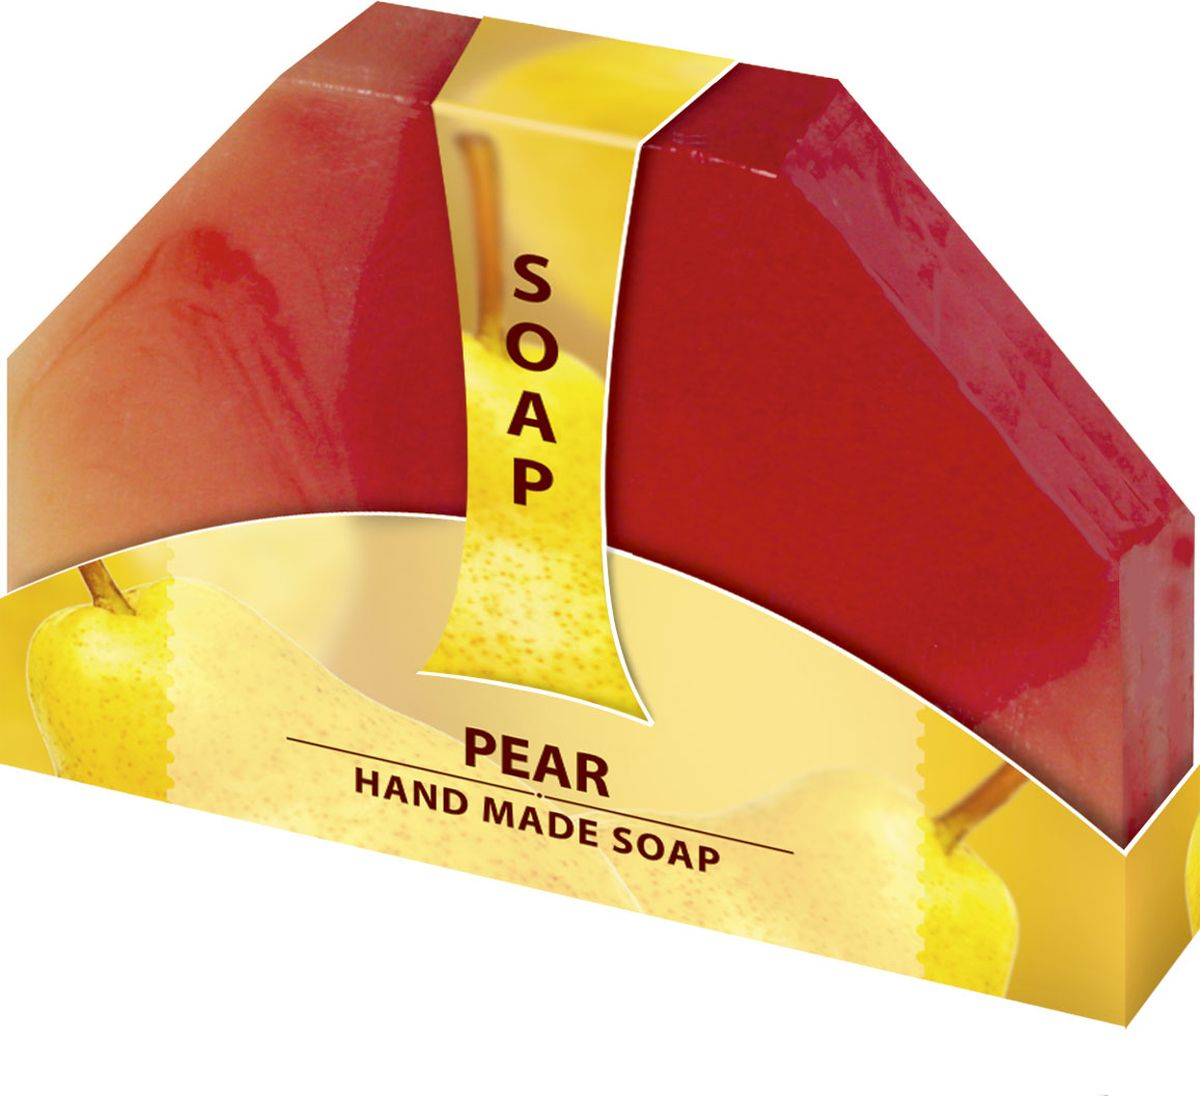 Мыло ручной работы Груша Hand made spa collection, 80 гFS-00610Мыло из нежного природного пальмового масла, содержит натуральный экстракт Аптечной Ромашки. Имеет приятный фруктовый аромат, который наполнит вашу душу удовольствием. Наслаждайтесь гладкостью кожи после каждого использования.